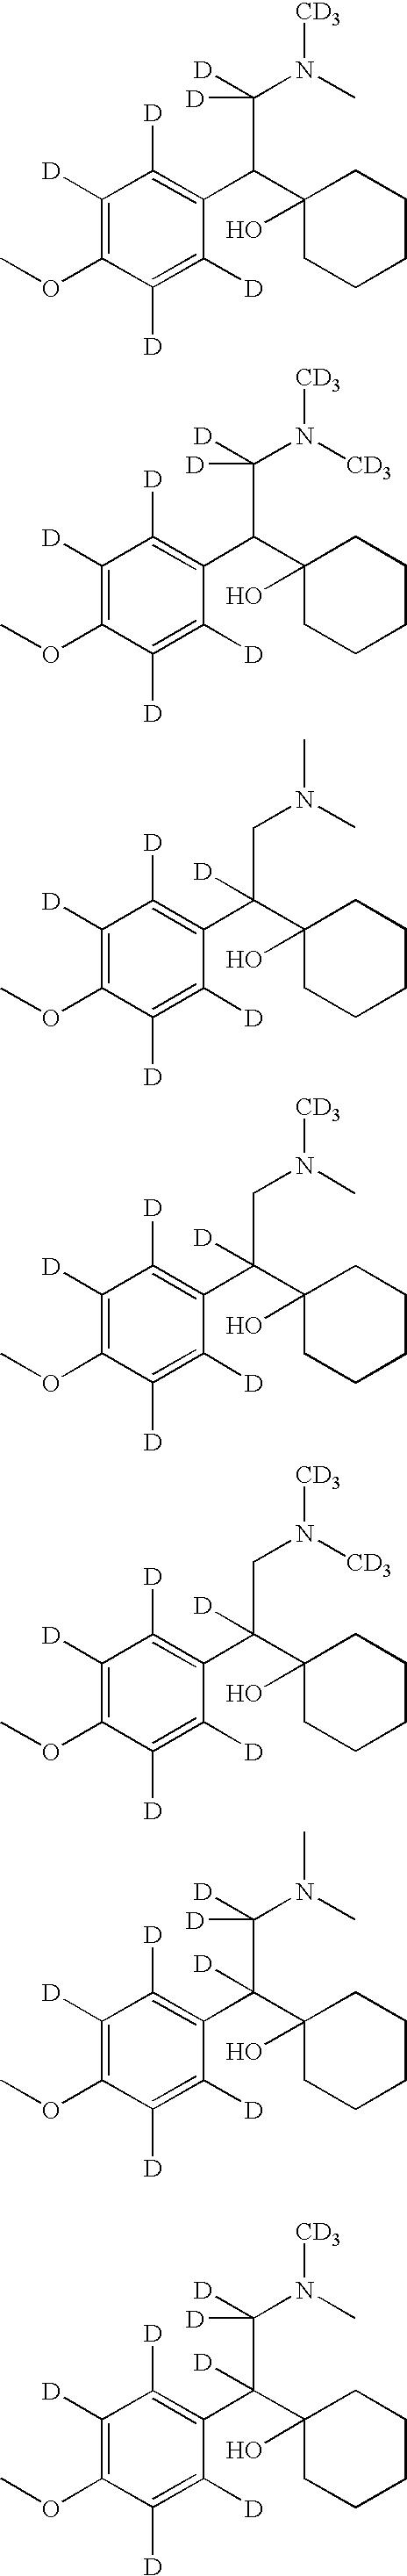 Figure US07456317-20081125-C00012